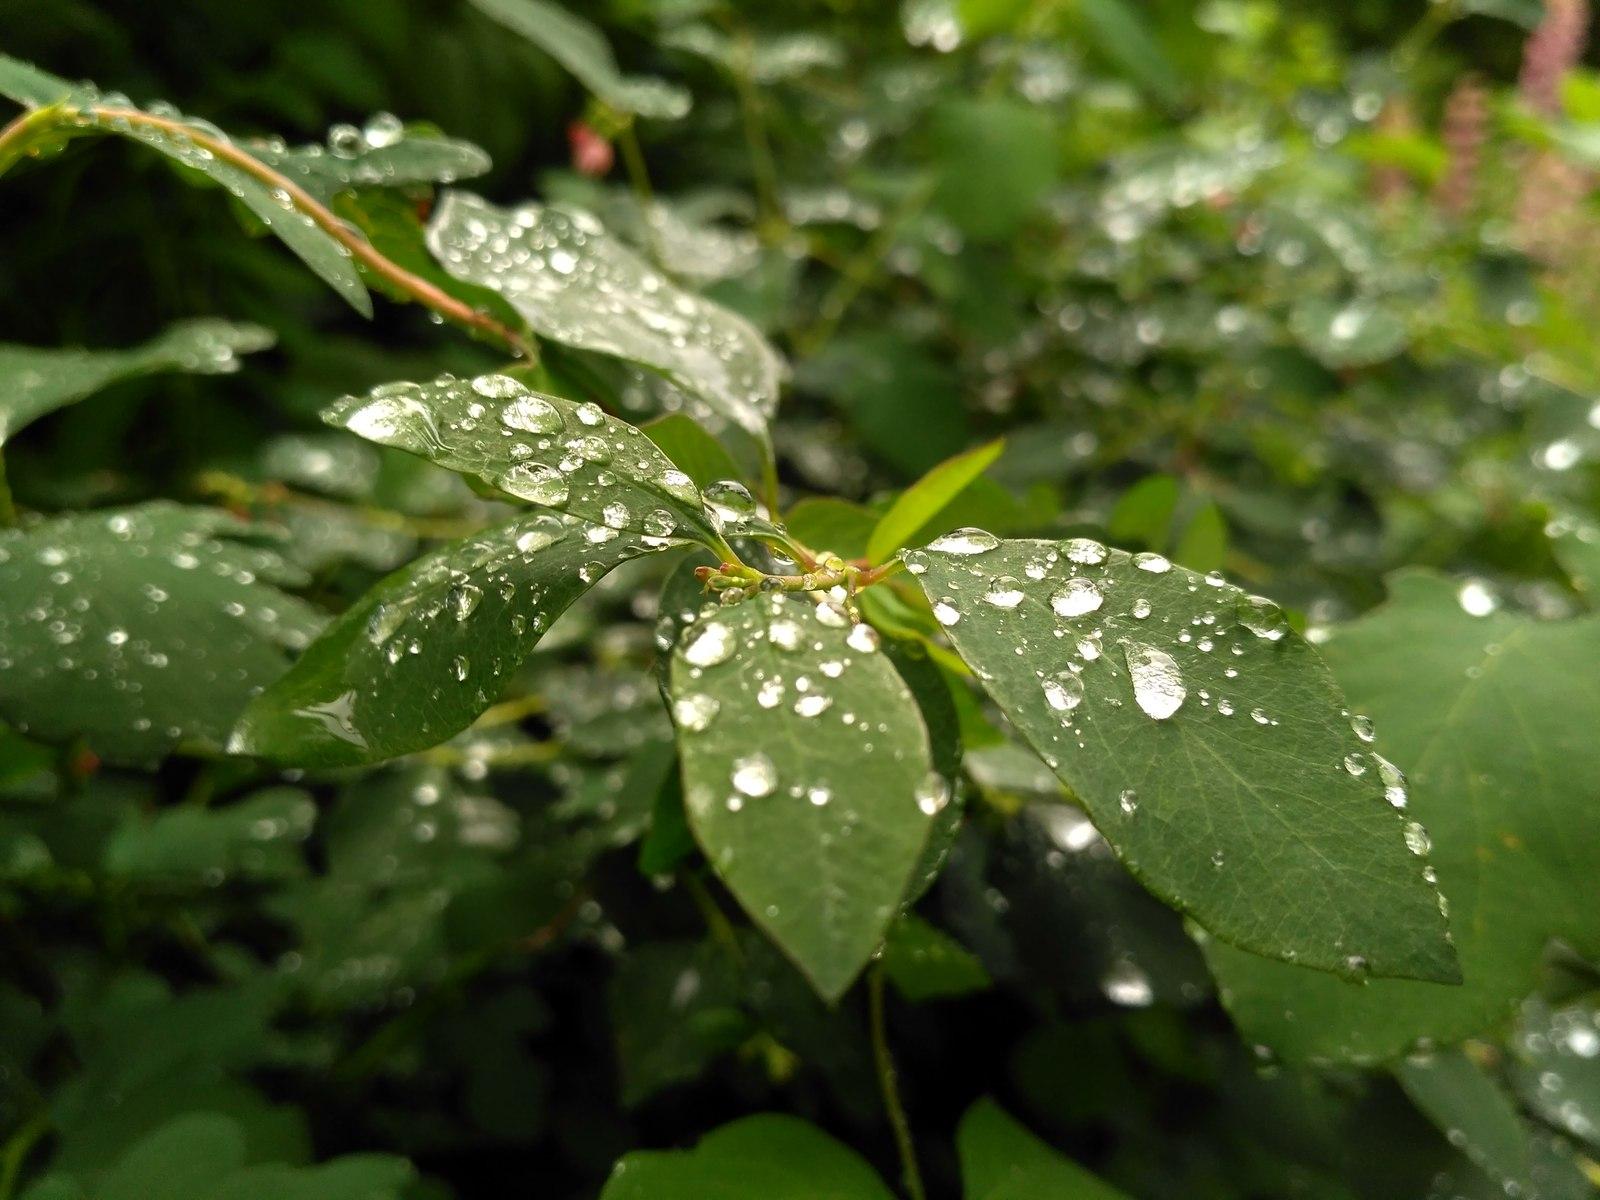 2 серпня на Київщині буде прохолодно та вогко - прогноз погоди, погода - 02 pogoda3